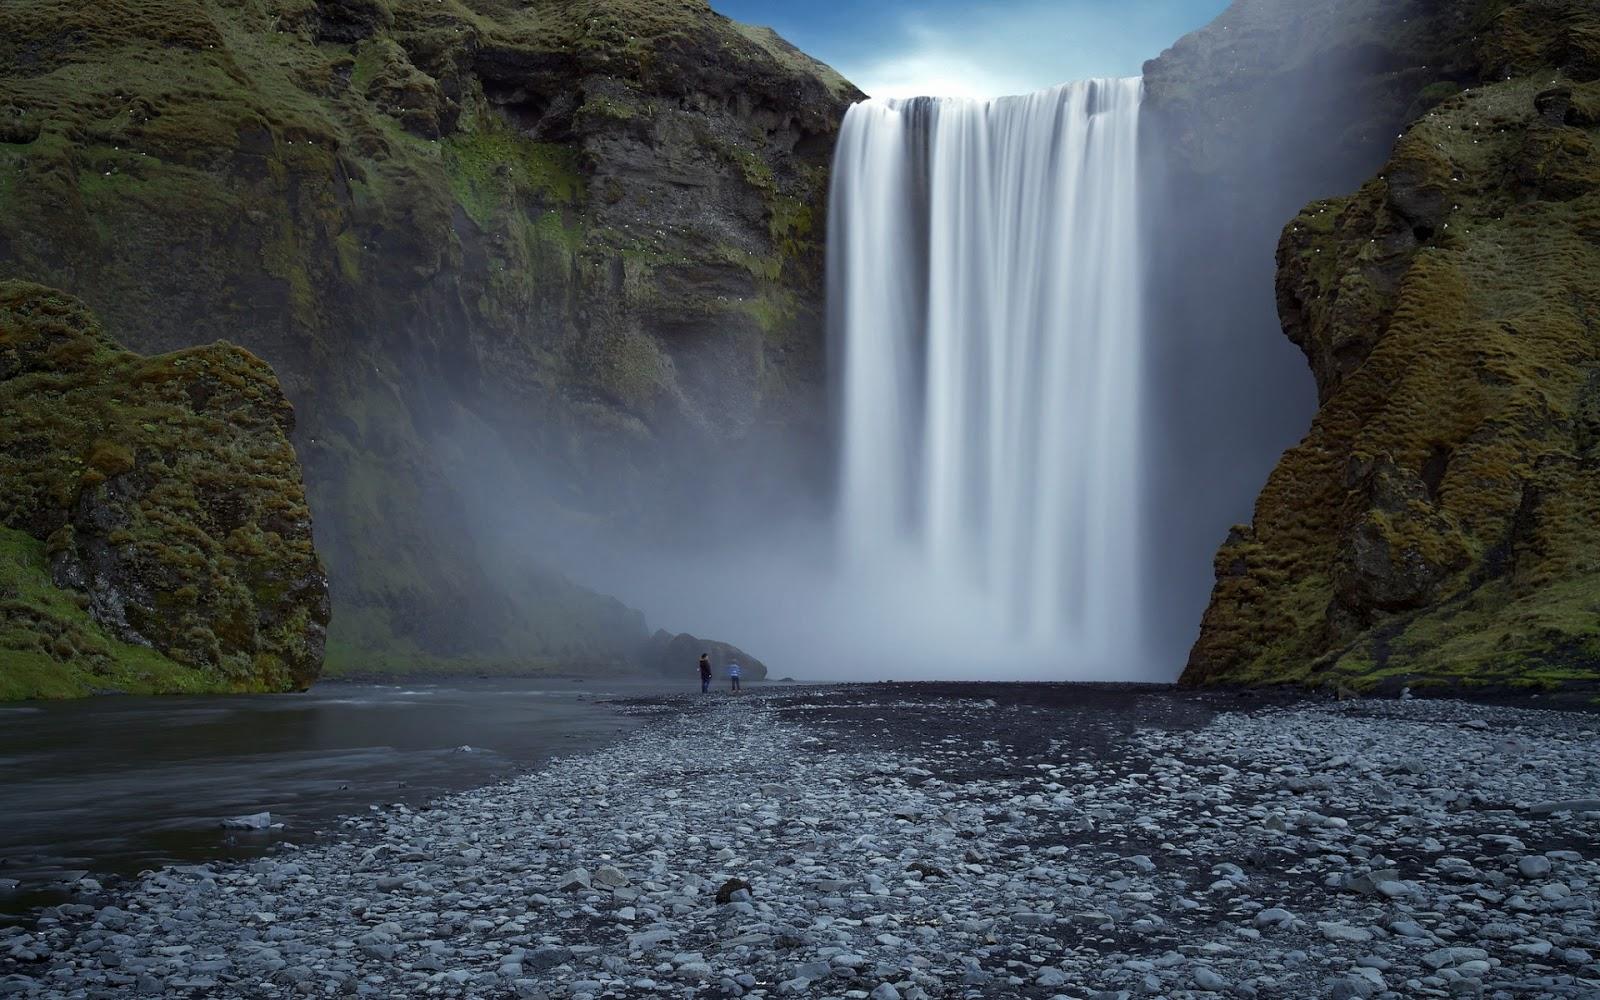 Personas Viendo una Cascada Fondos de Pantalla de Paisajes Naturales